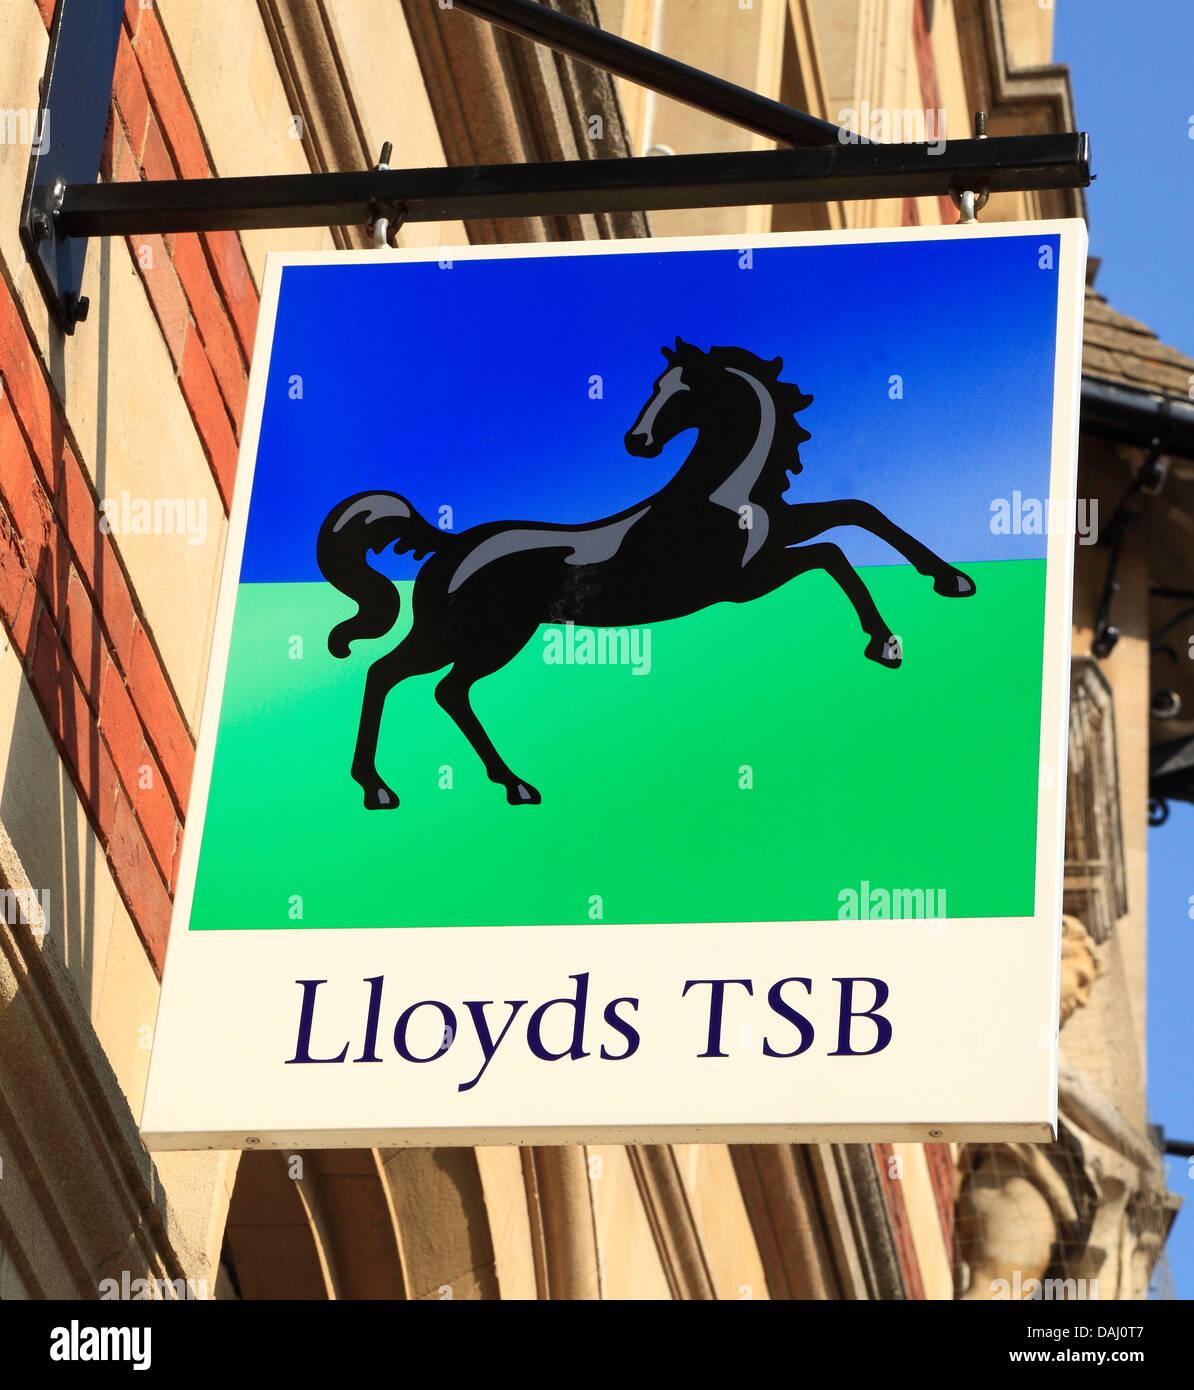 Lloyds TSB Bank signe, logo, England UK Photo Stock